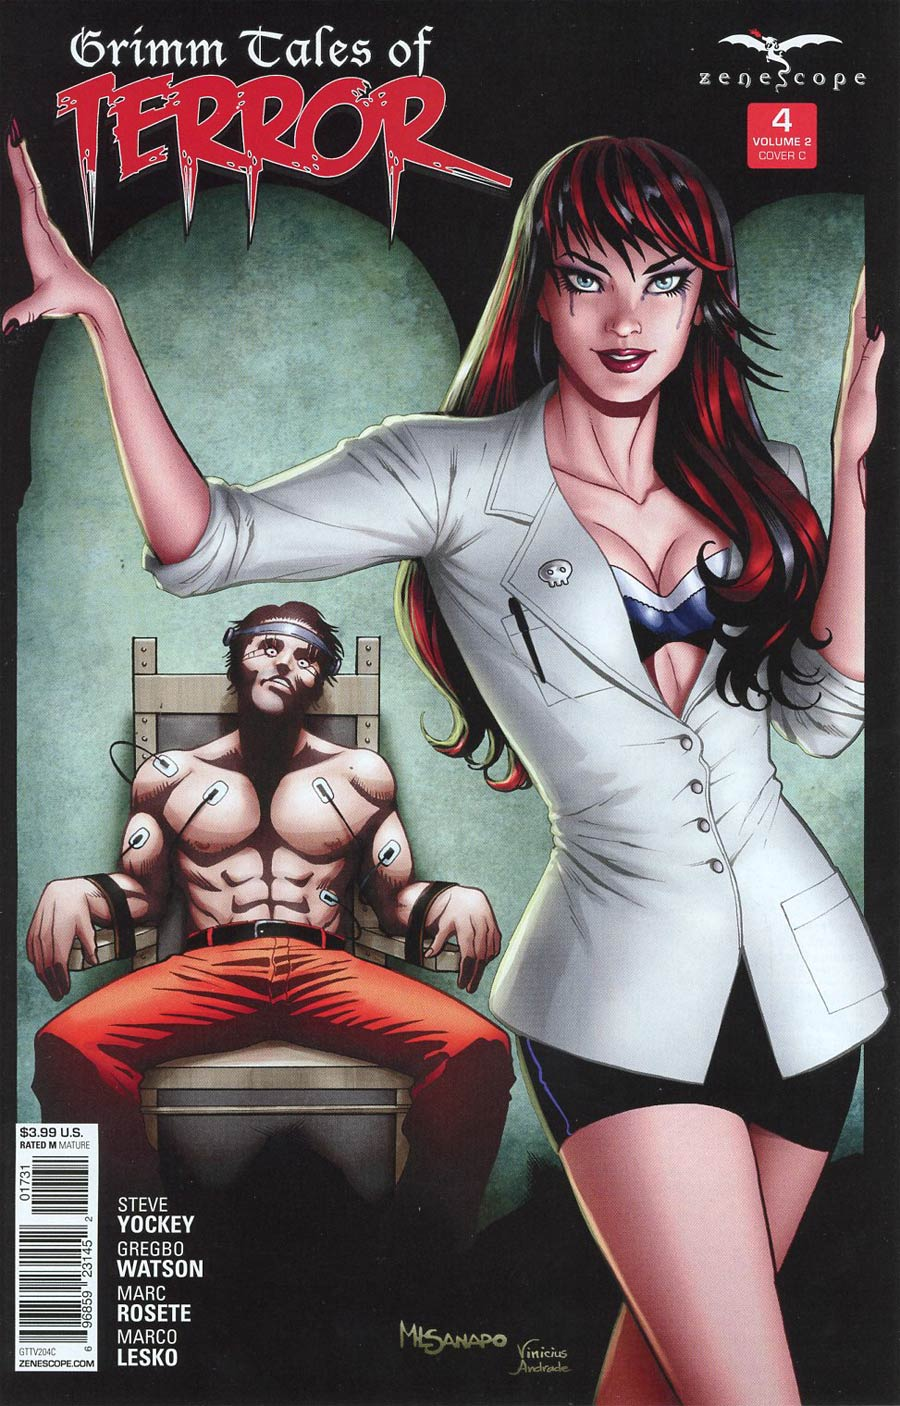 Grimm Fairy Tales Presents Grimm Tales Of Terror Vol 2 #4 Cover C Maria Laura Sanapo